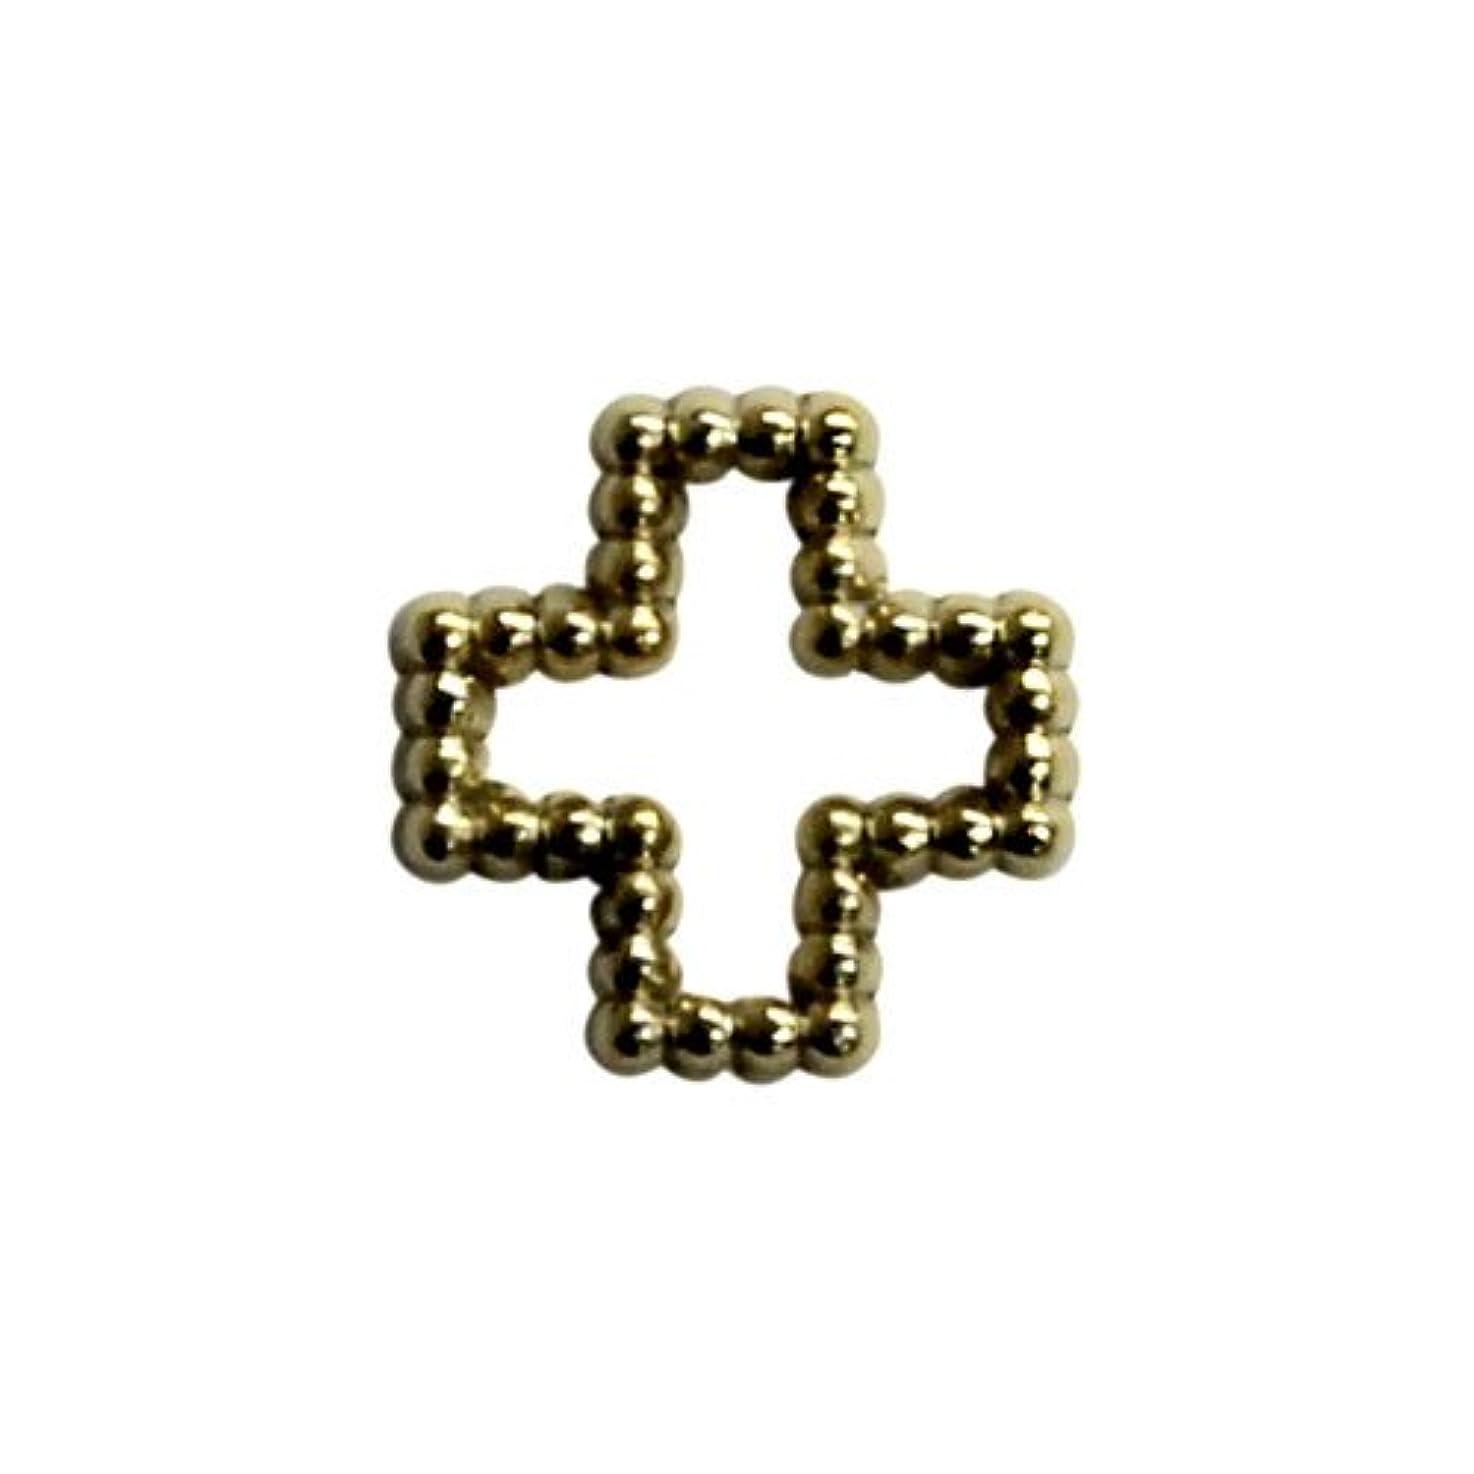 緩やかな切り下げ接続詞プリティーネイル ネイルアートパーツ ブリオンクロスM ゴールド 12個